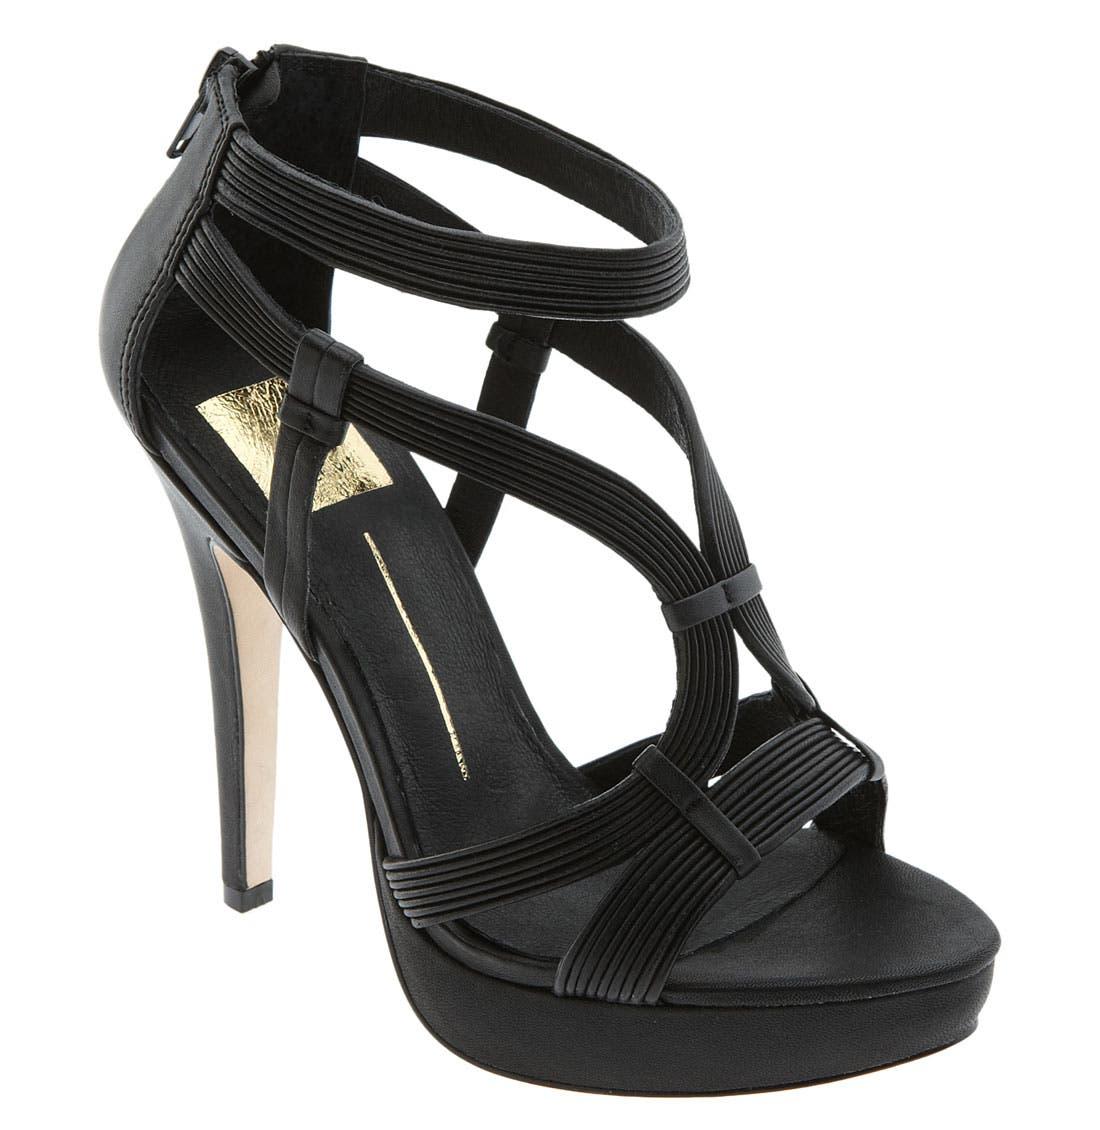 Main Image - Dolce Vita 'Lance' Sandal